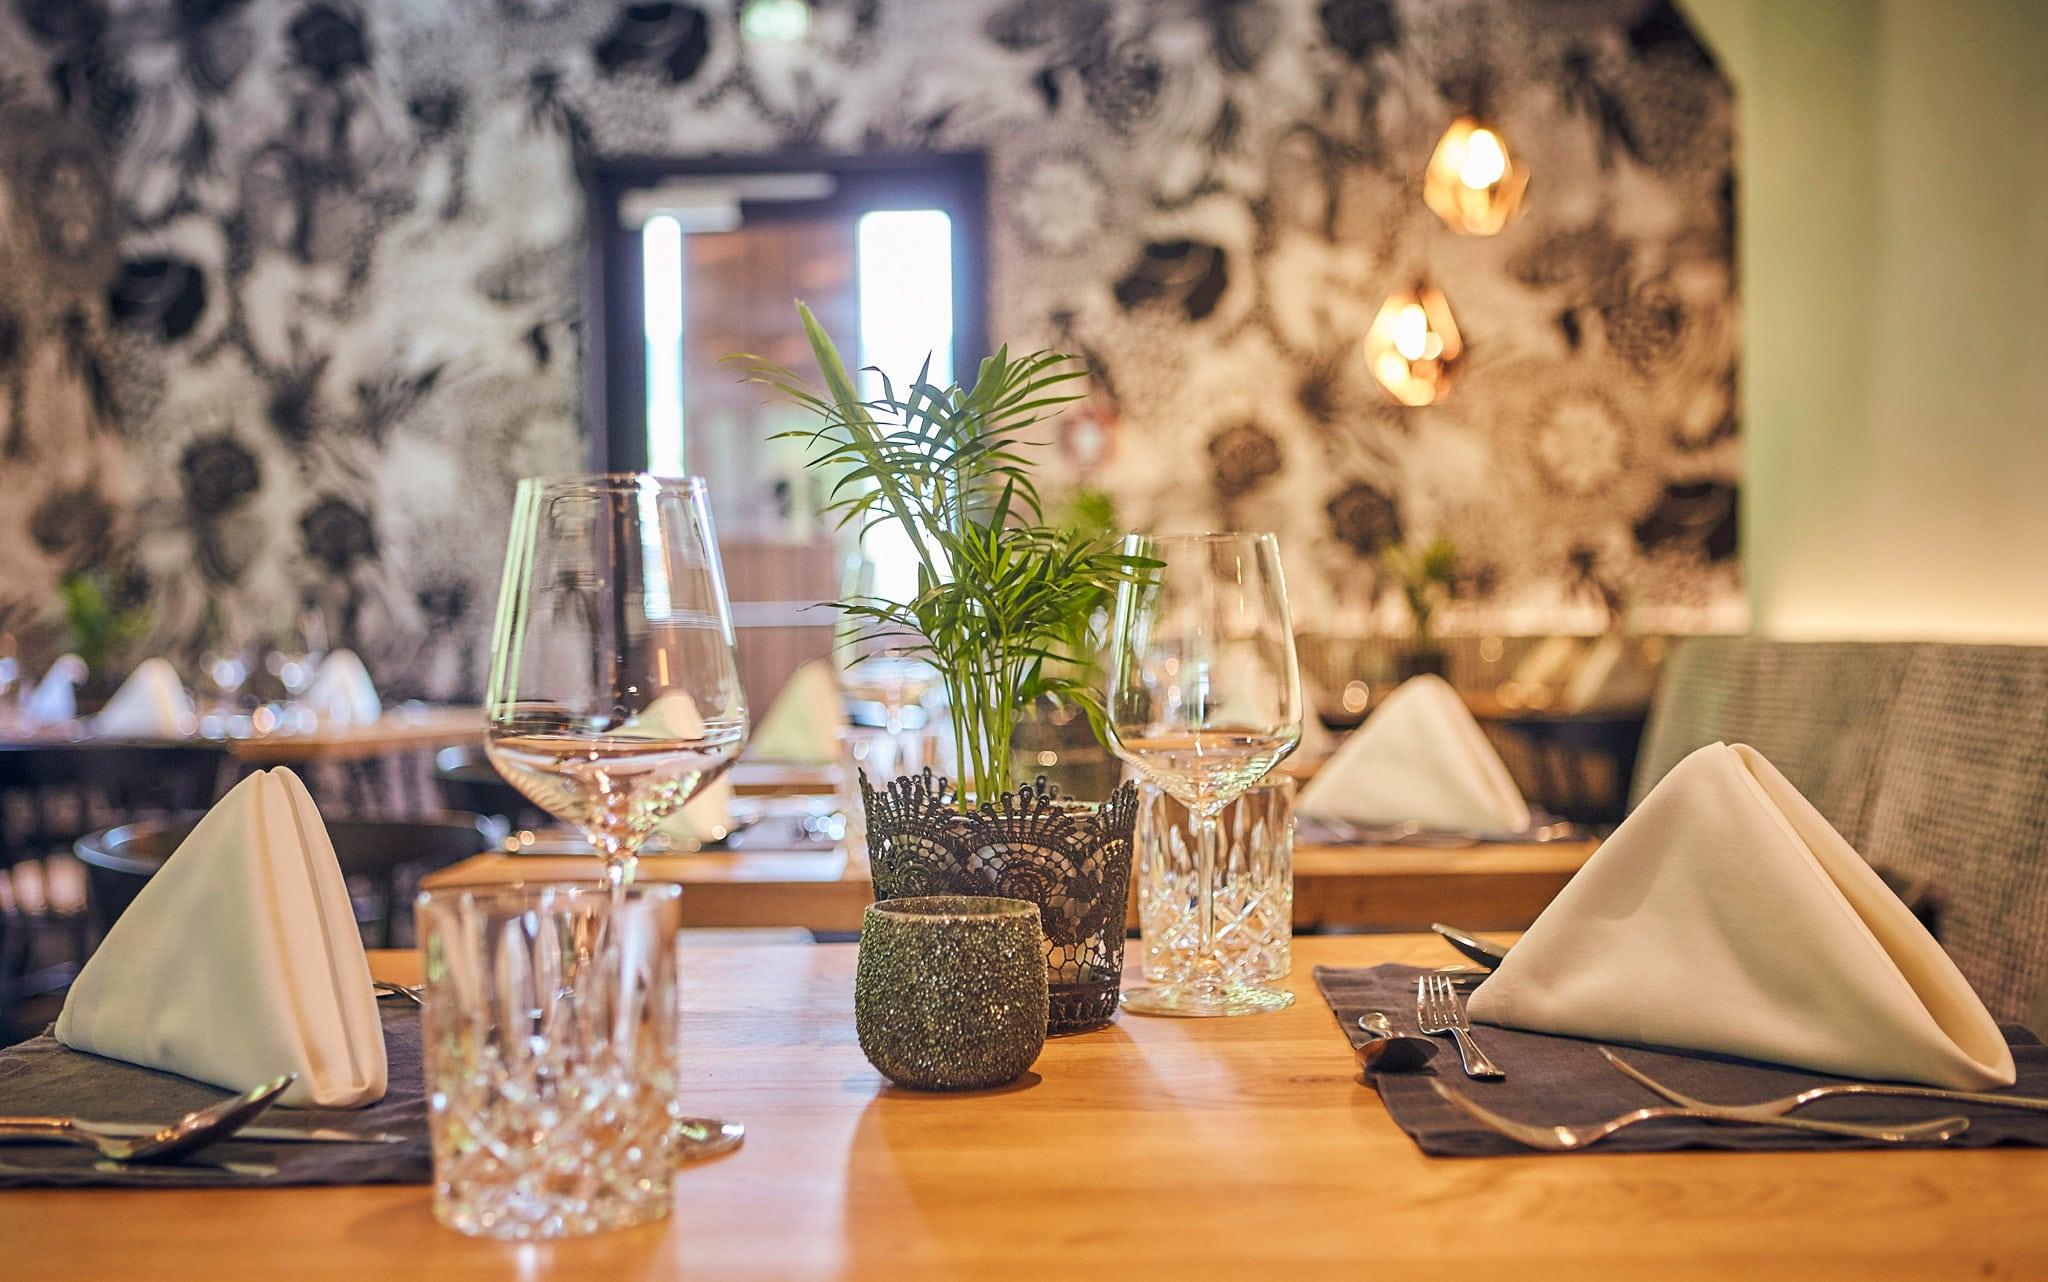 Eine Nahaufnahme von einem gedeckten Tisch mit einer grünen Pflanze als Dekoration